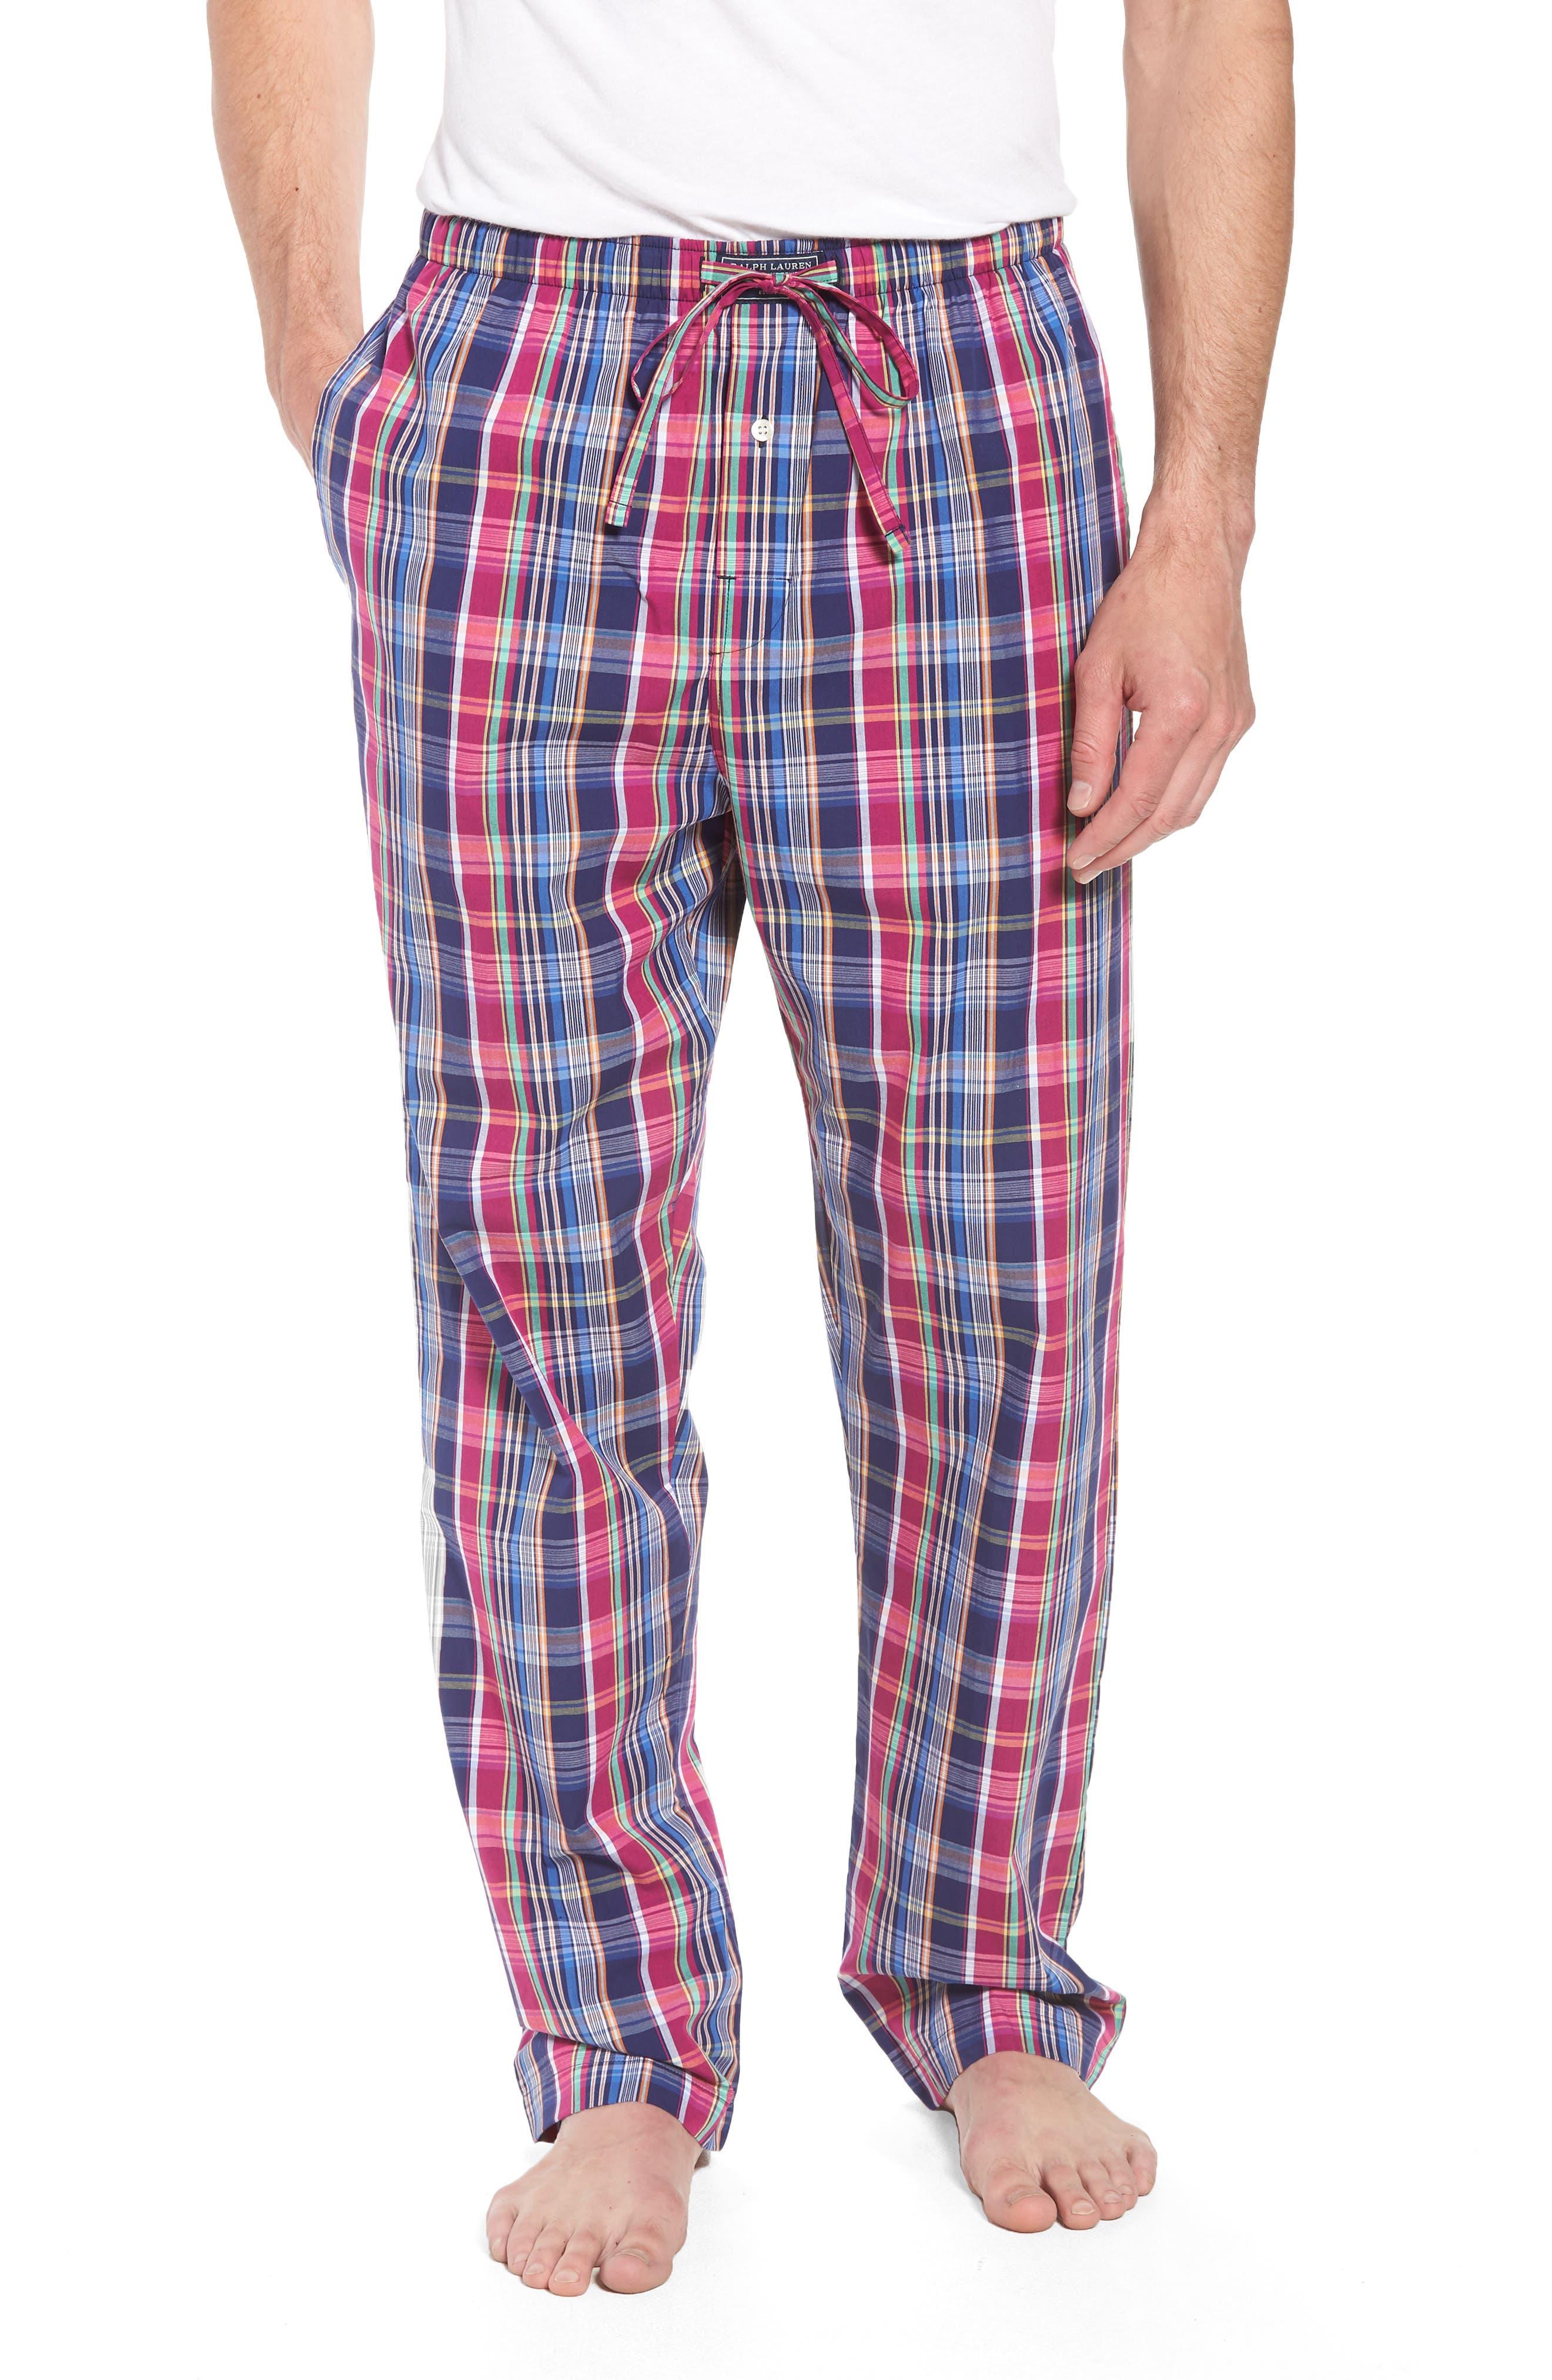 Cotton Lounge Pants,                         Main,                         color, Collins Plaid